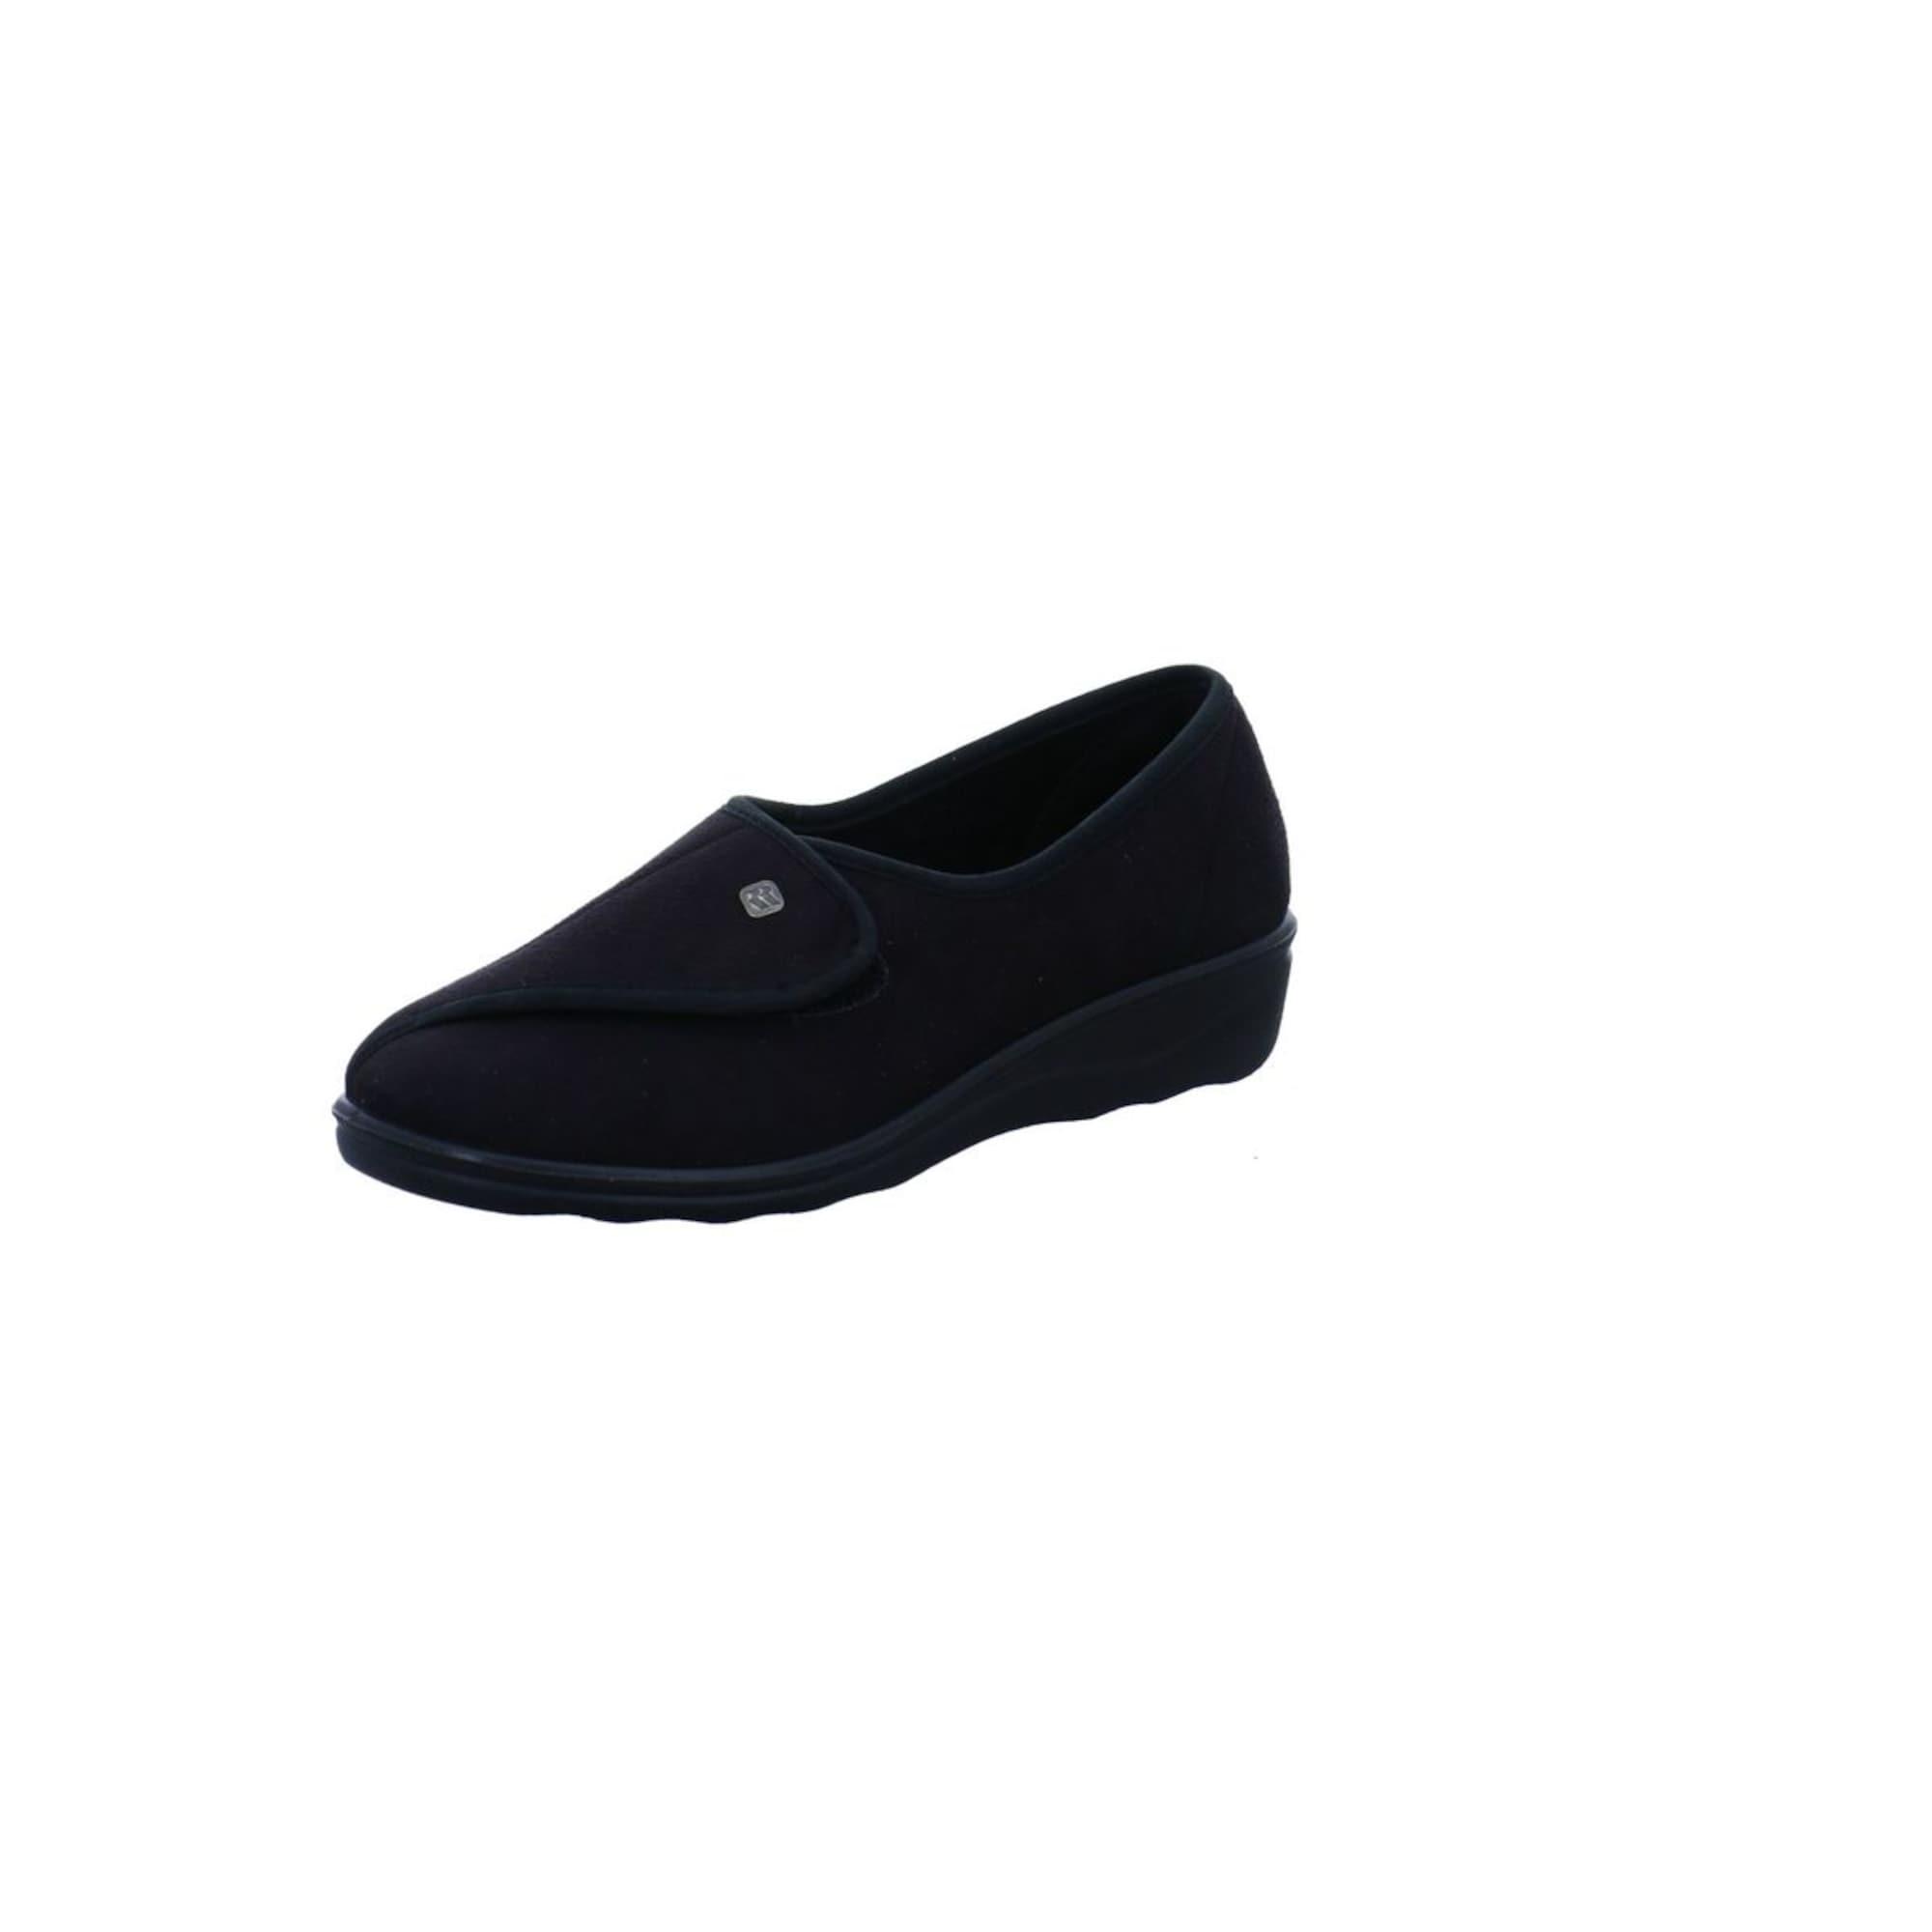 Hausschuhe   Schuhe > Hausschuhe > Klassische Hausschuhe   Schwarz   ROMIKA